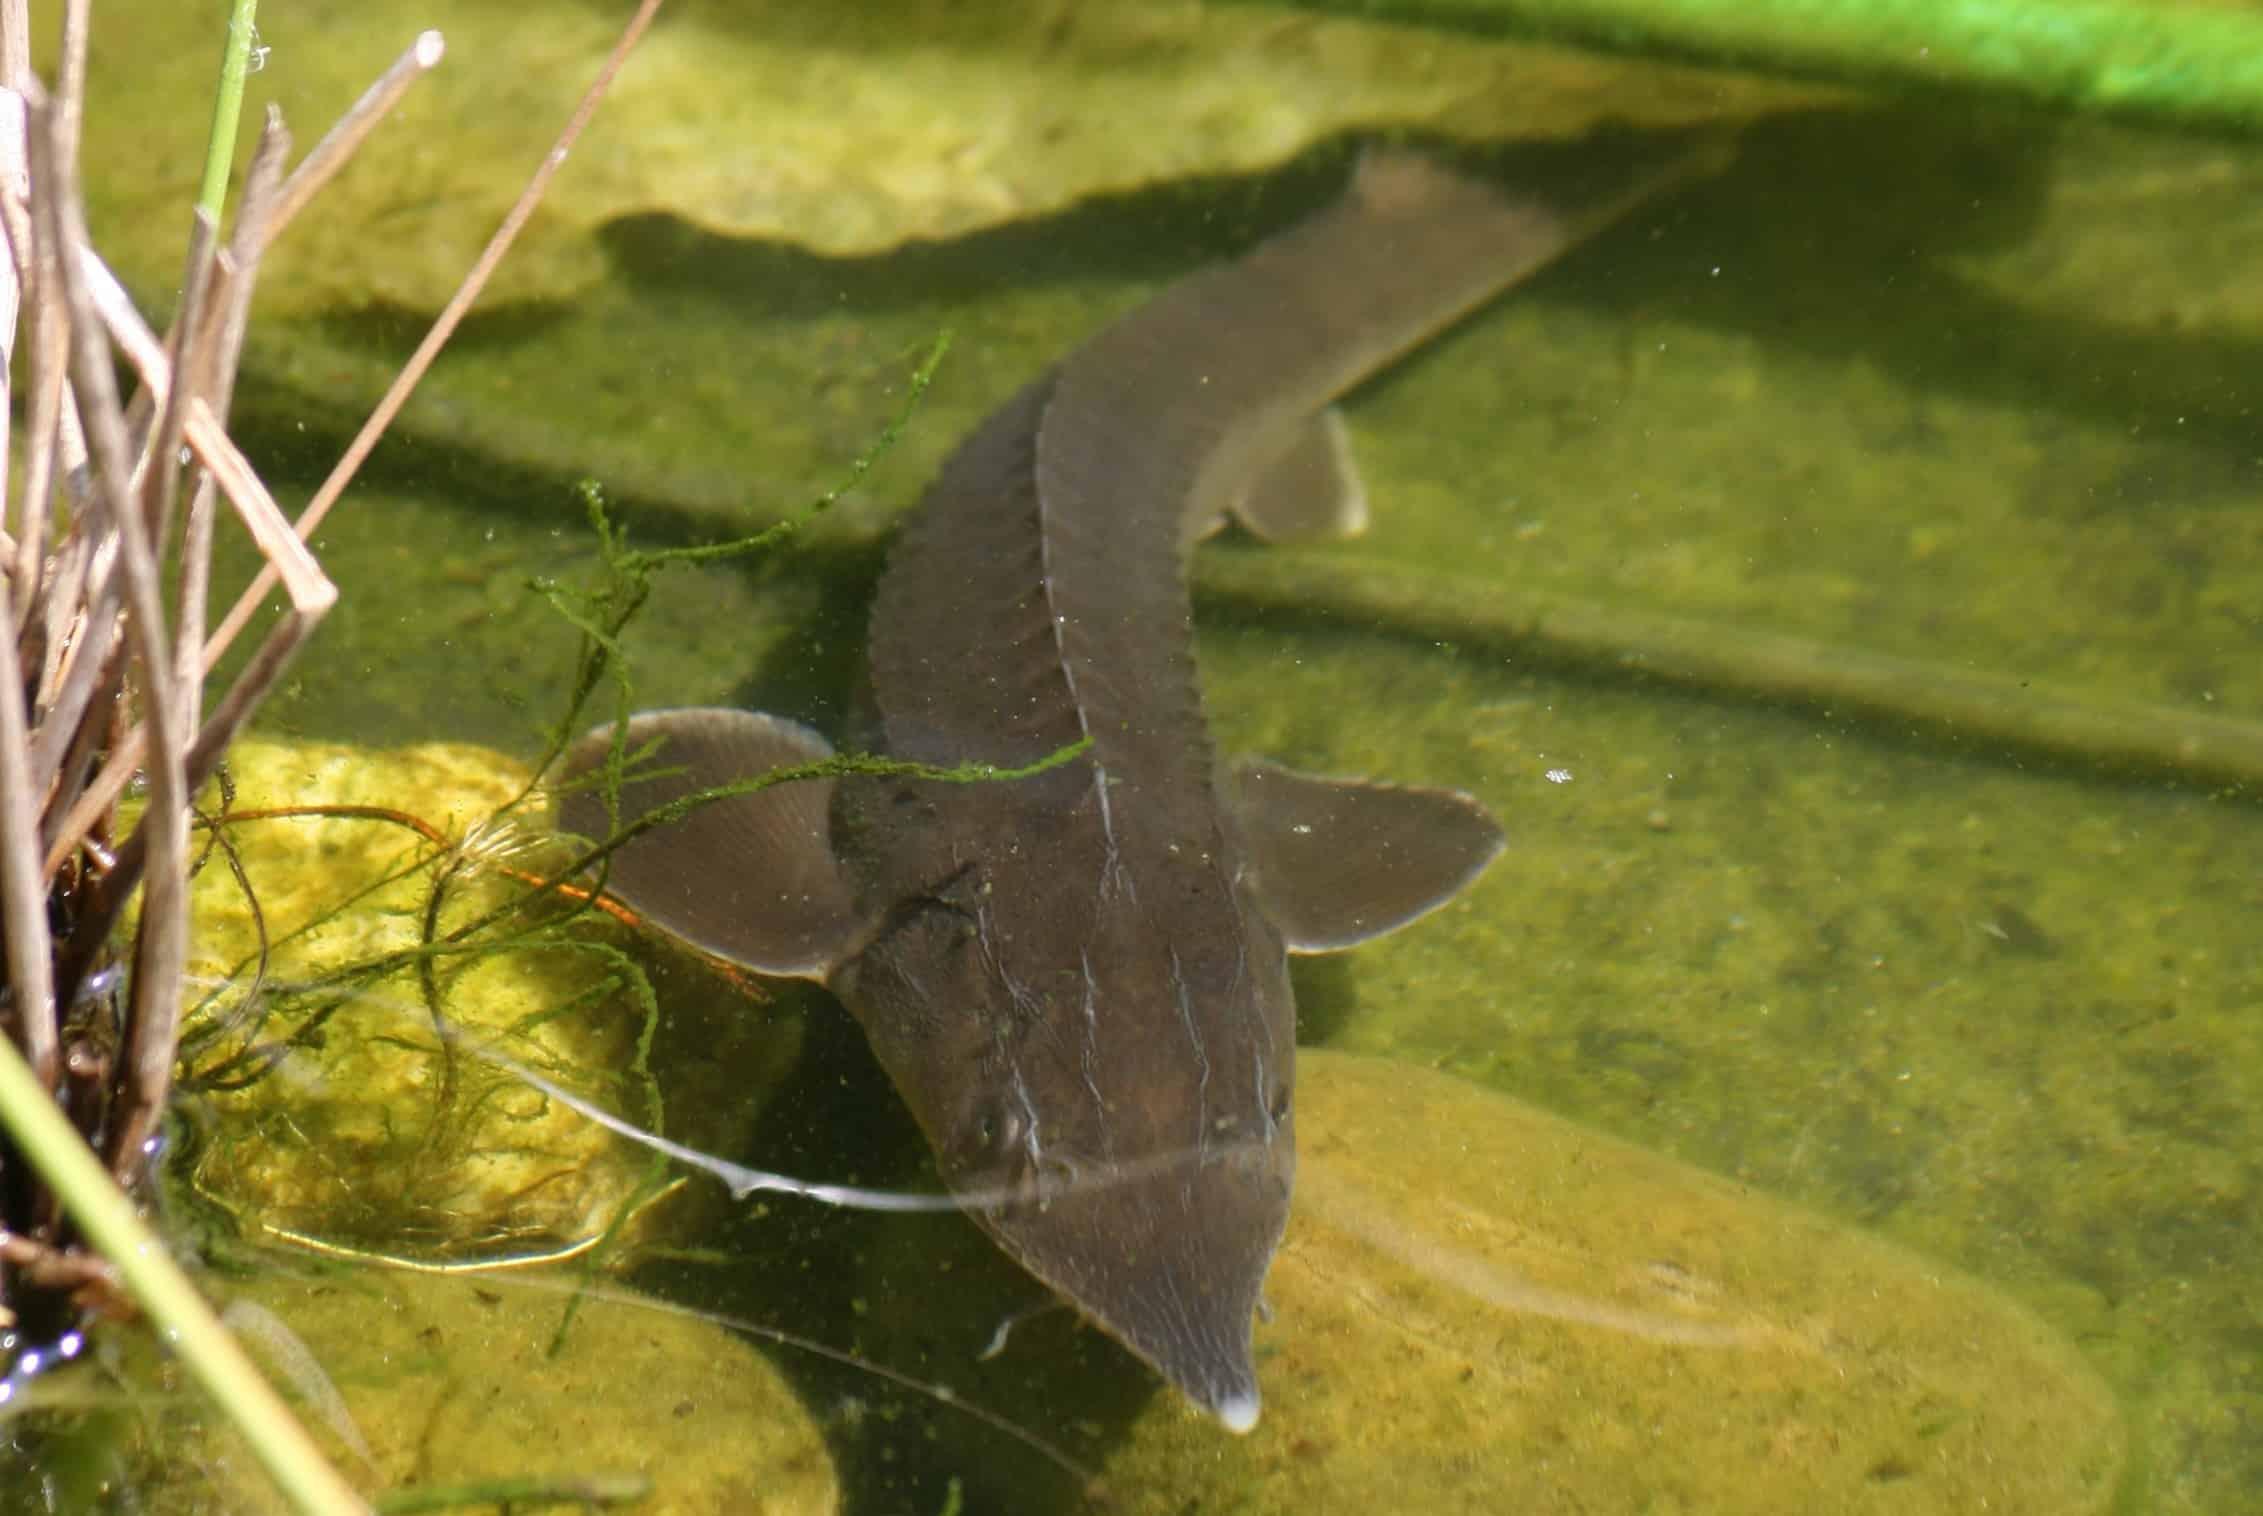 gartenteichfische im herbst und winter muss man sie f ttern oder nicht my fish. Black Bedroom Furniture Sets. Home Design Ideas